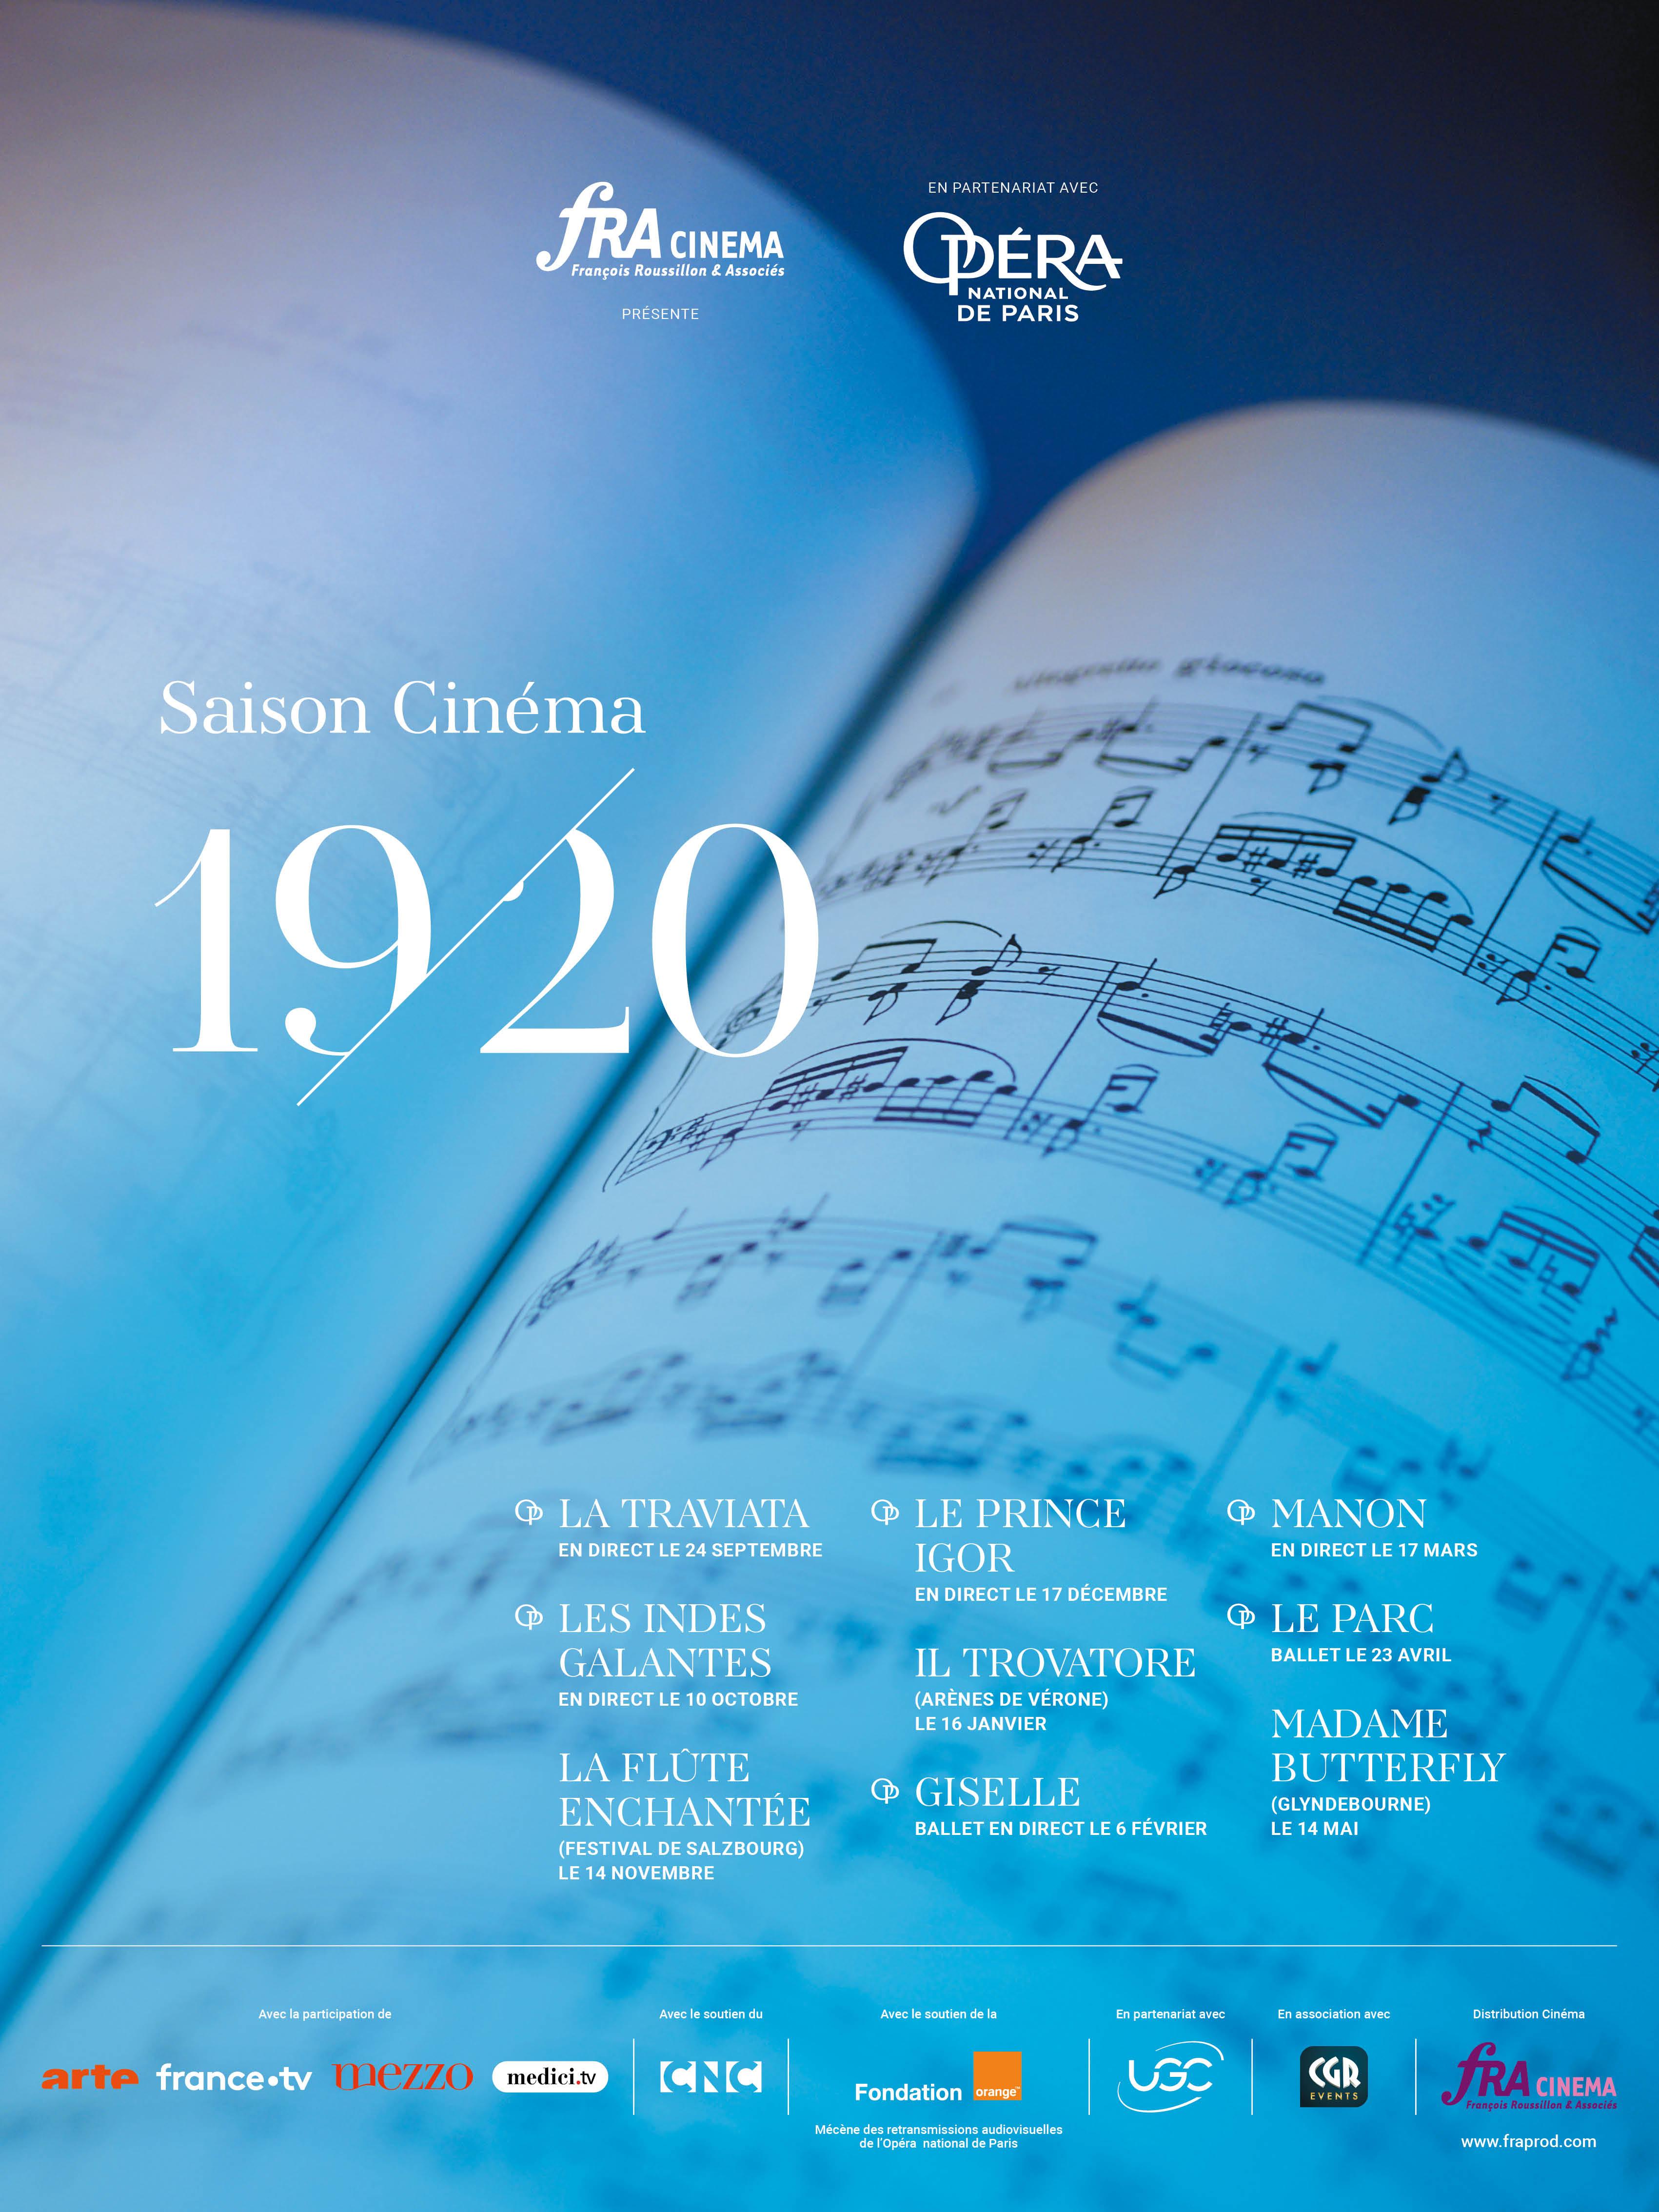 Image du film Manon (Opéra de Paris-FRA Cinéma)